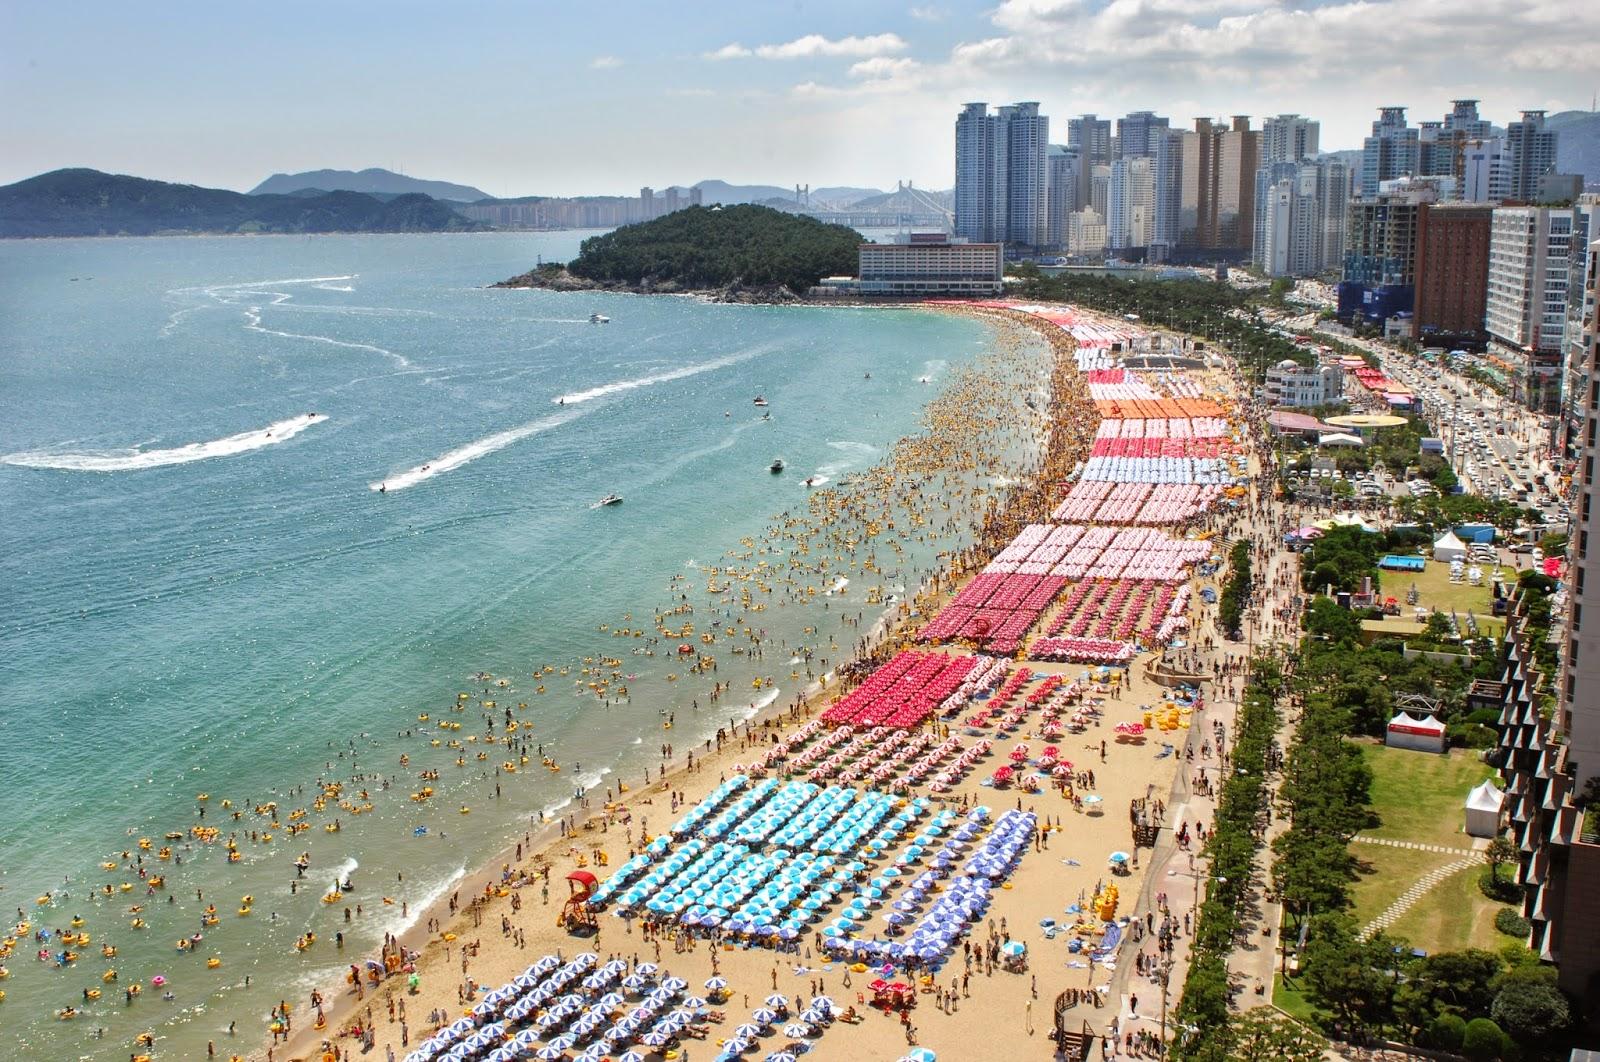 Bãi biển Haeundae | 해운대 해수욕장